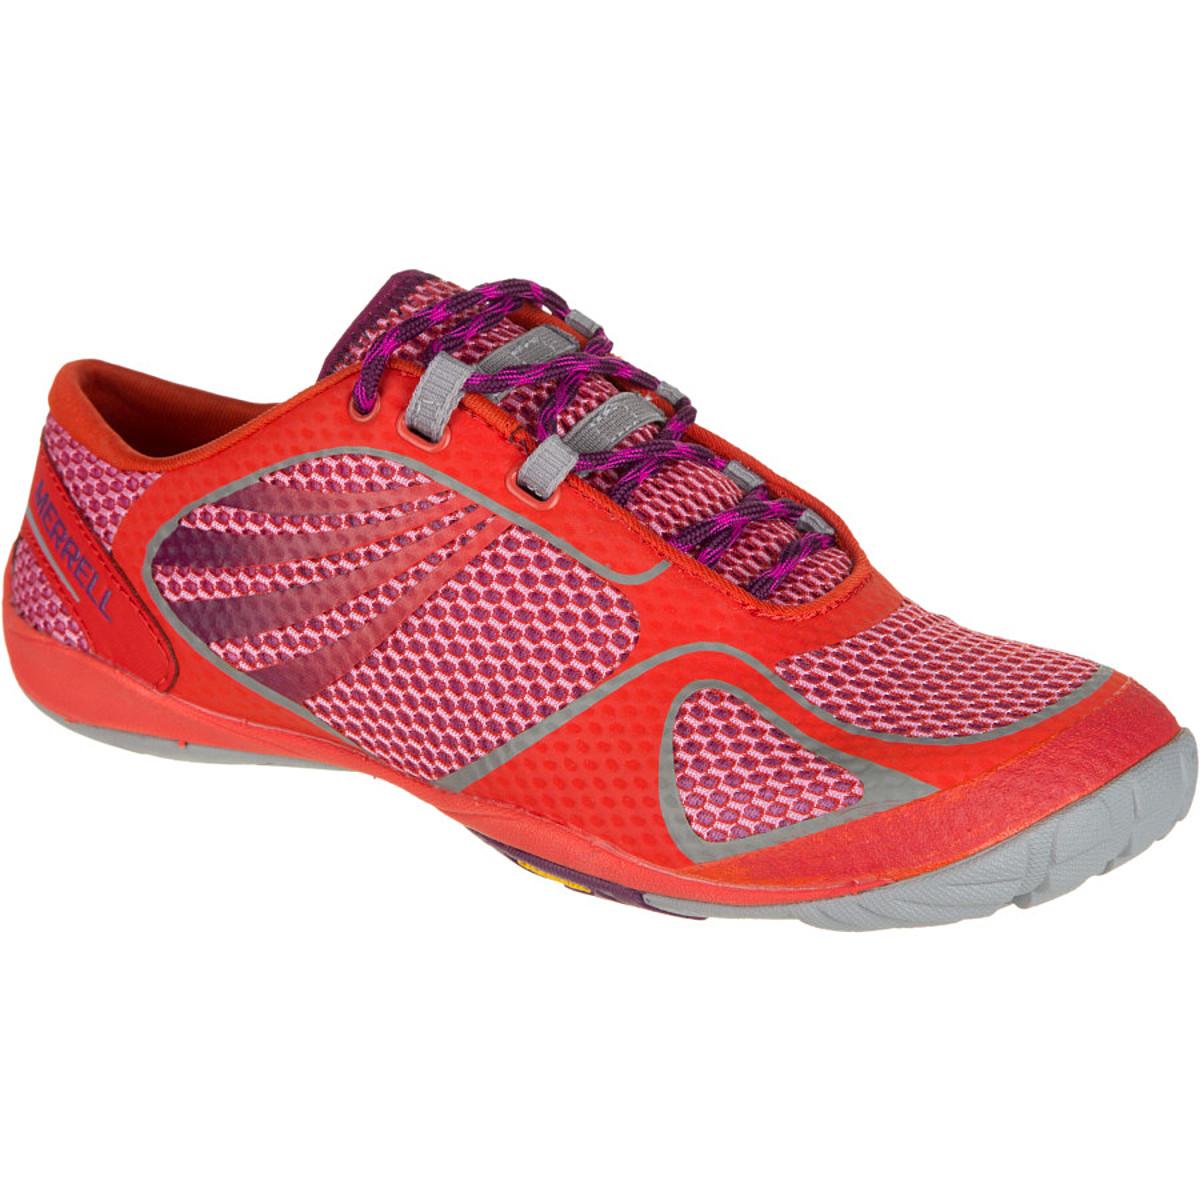 Merrell Barefoot Run Pace Glove 2